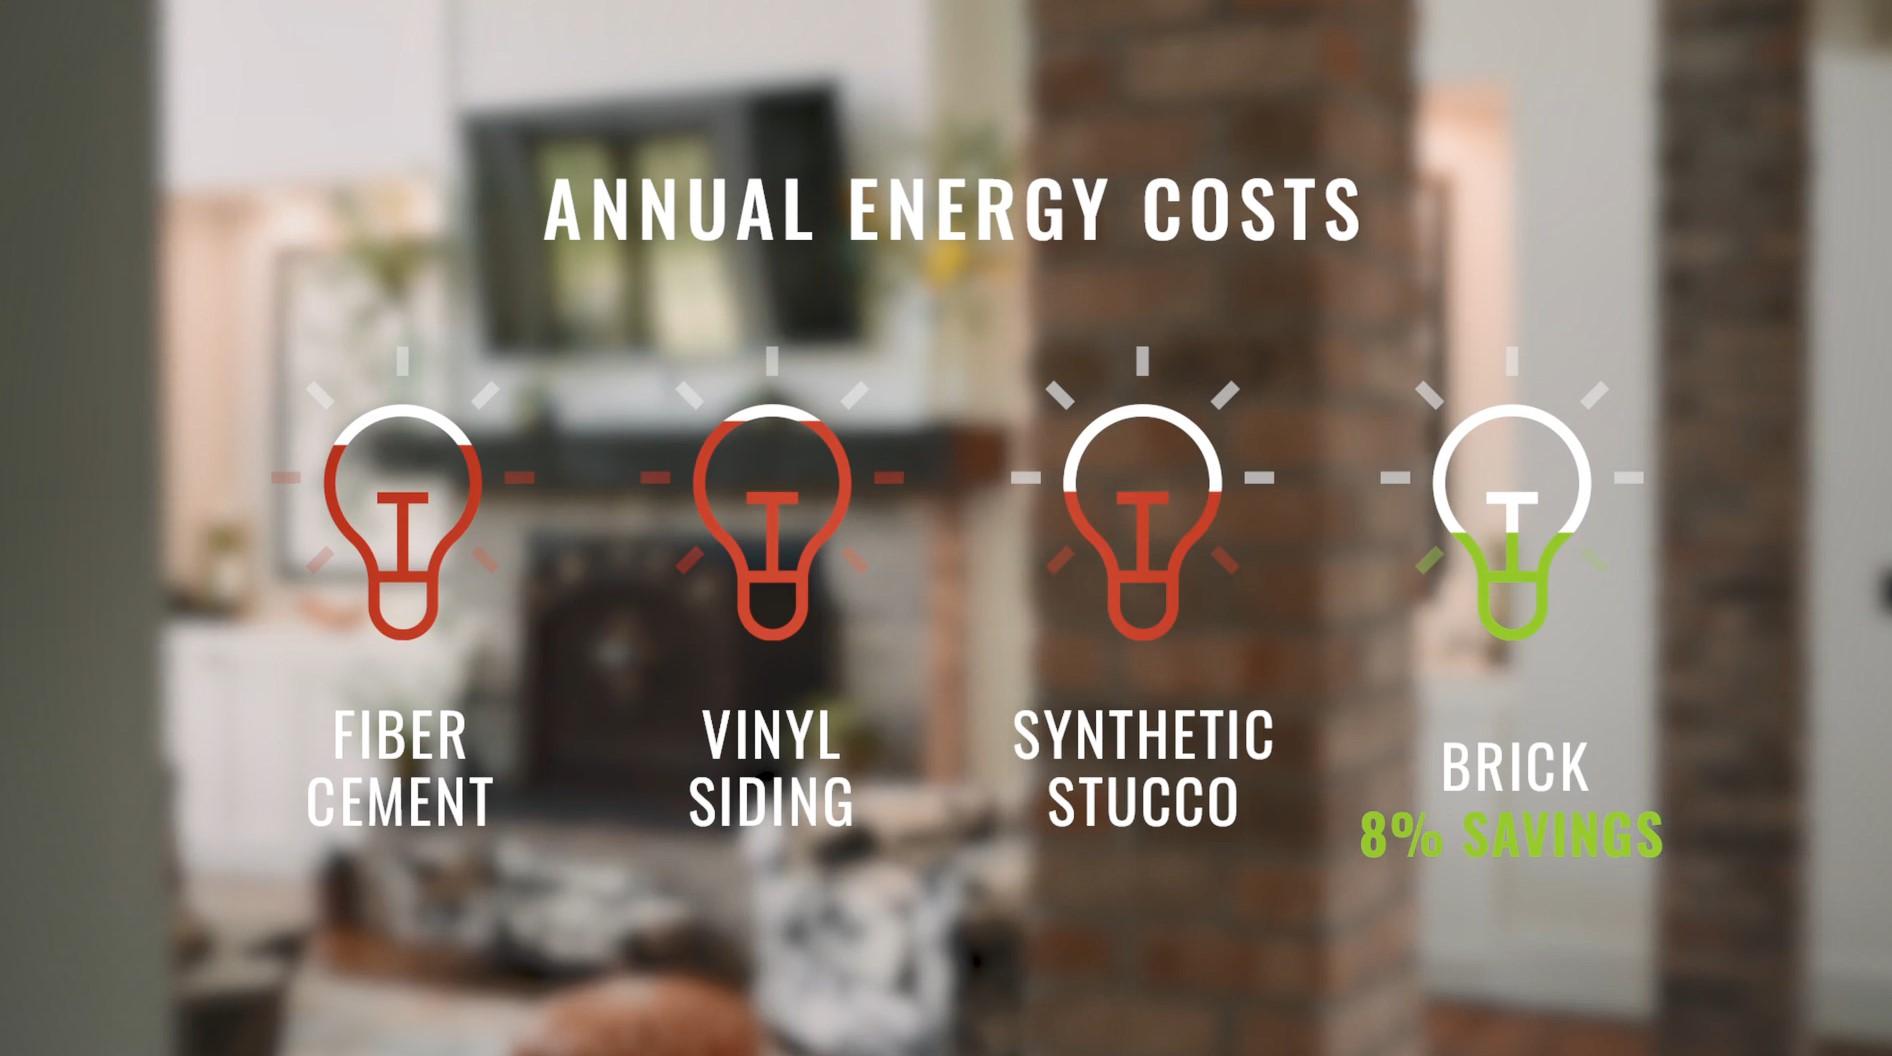 8%EnergySavings-BrickvsVinyl